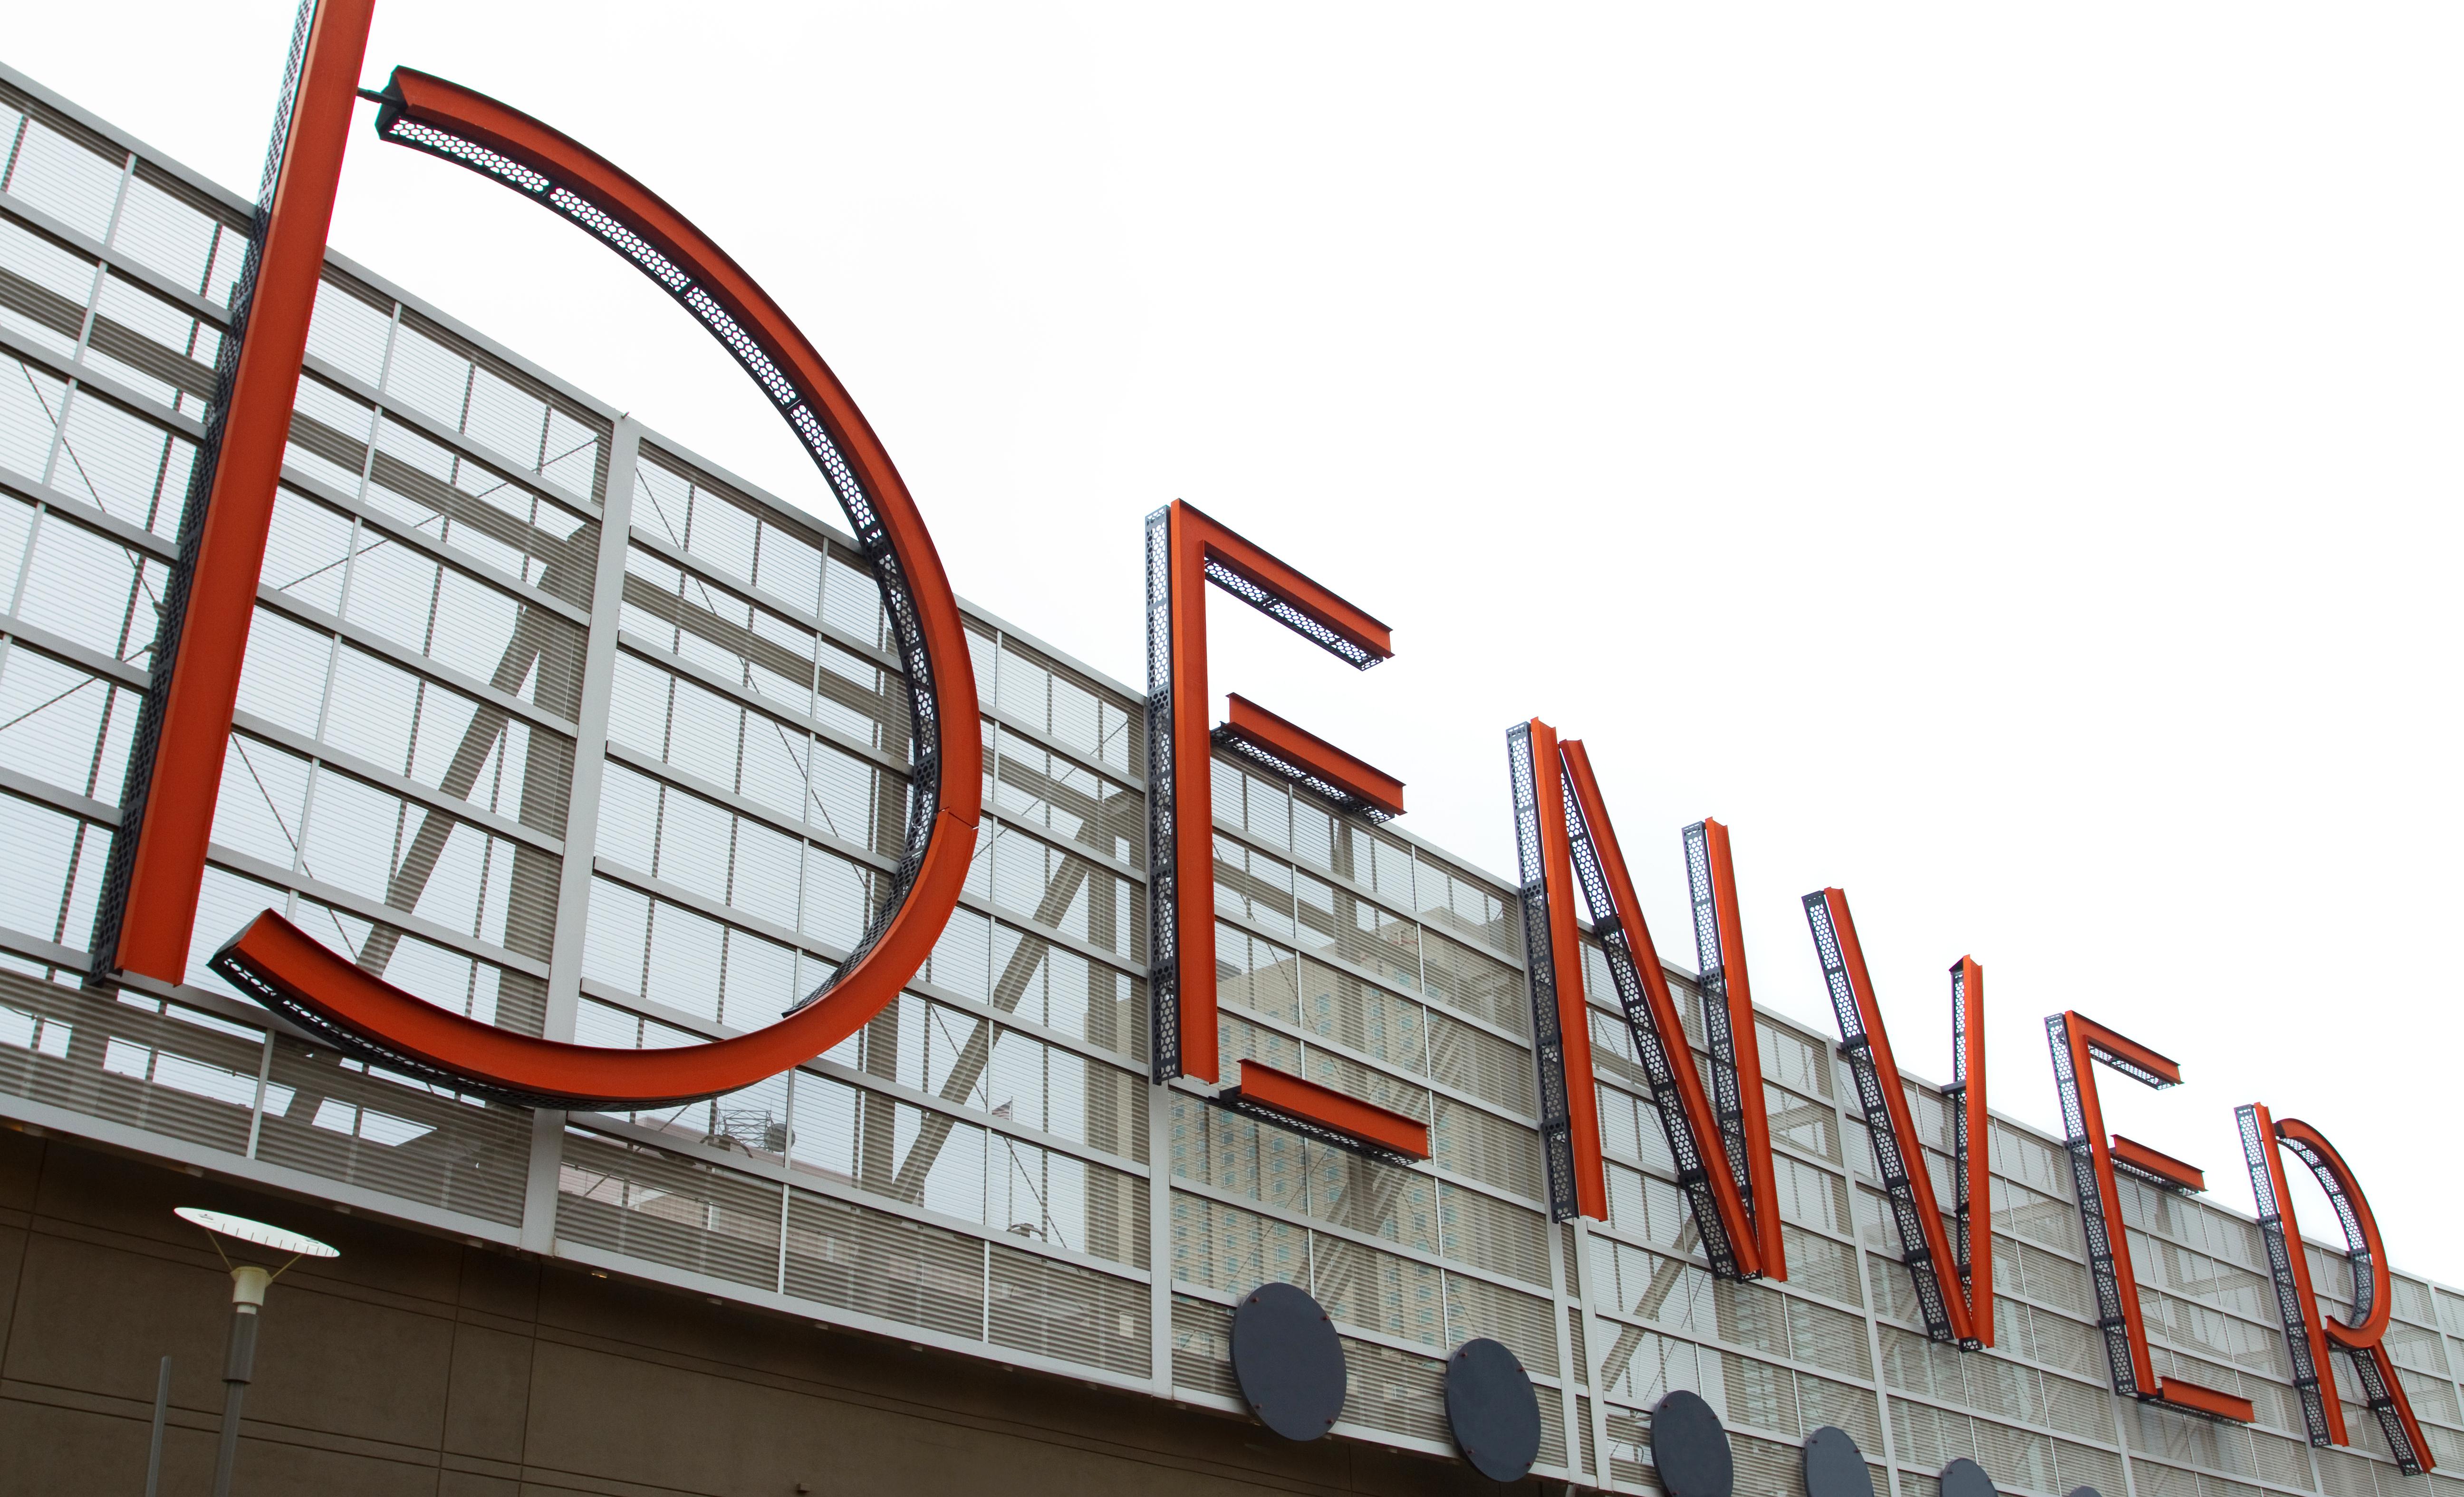 Large Denver sign on top of landmark bui